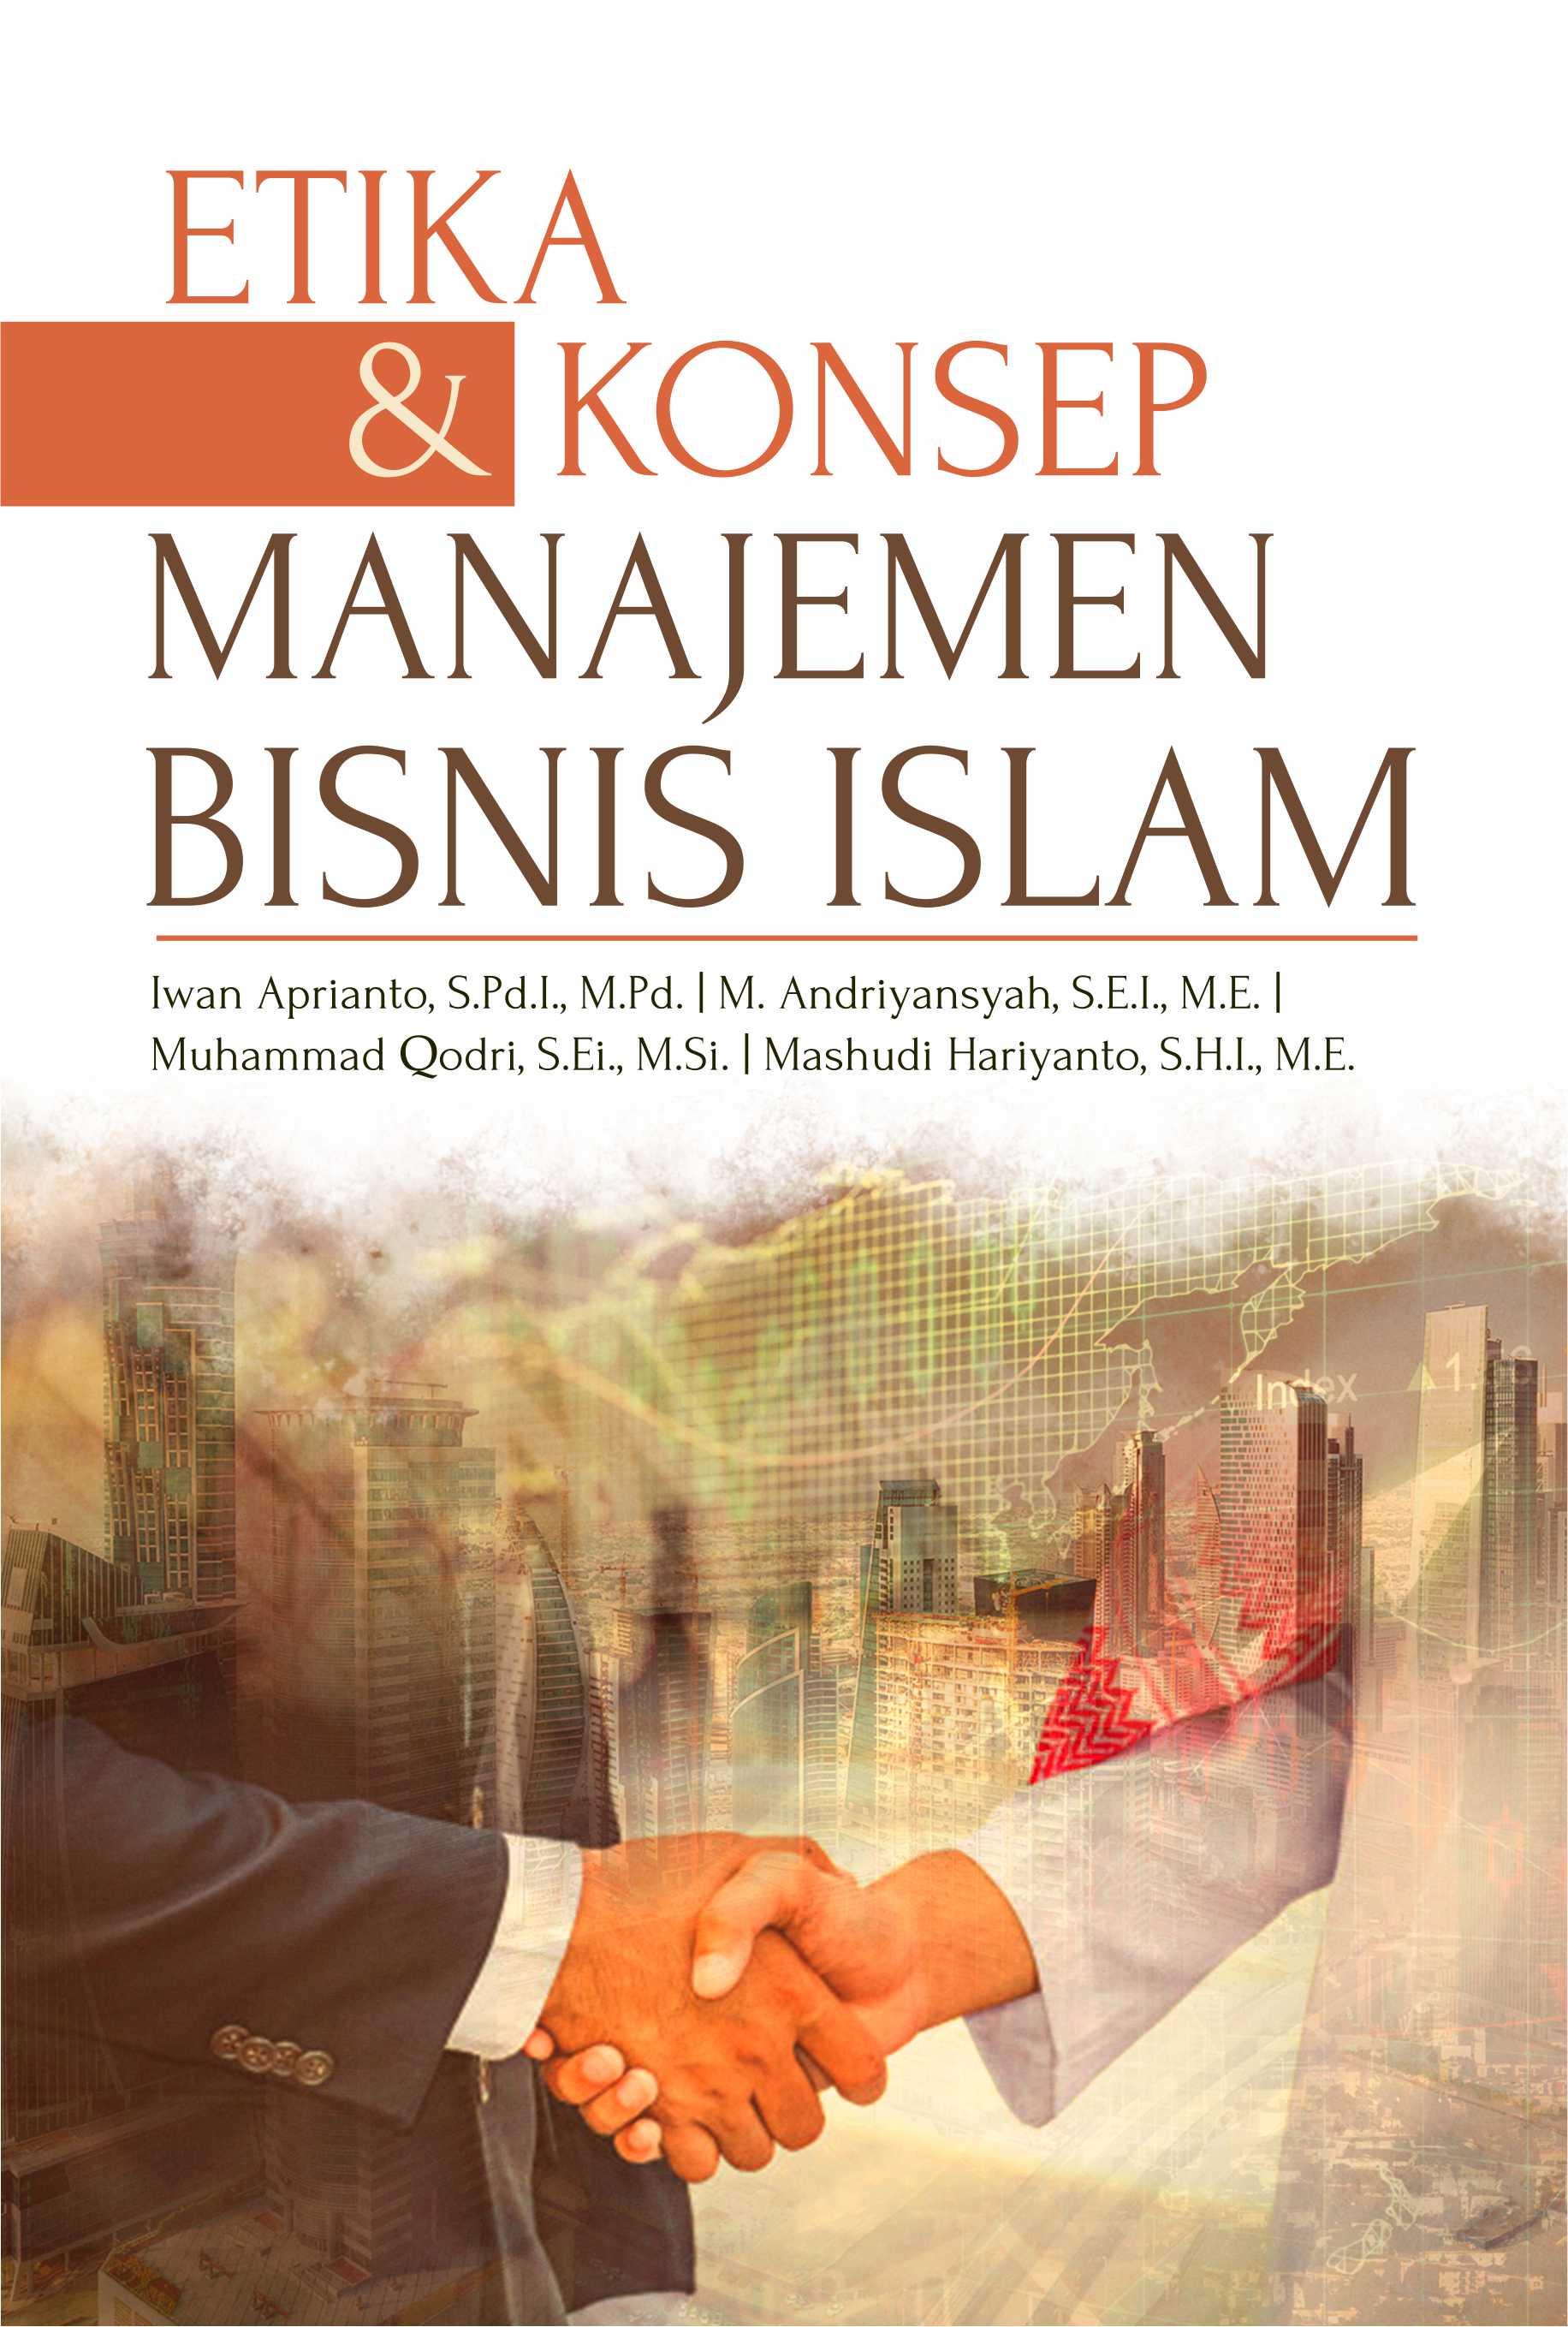 Etika & konsep manajemen bisnis islam [sumber elektronis]